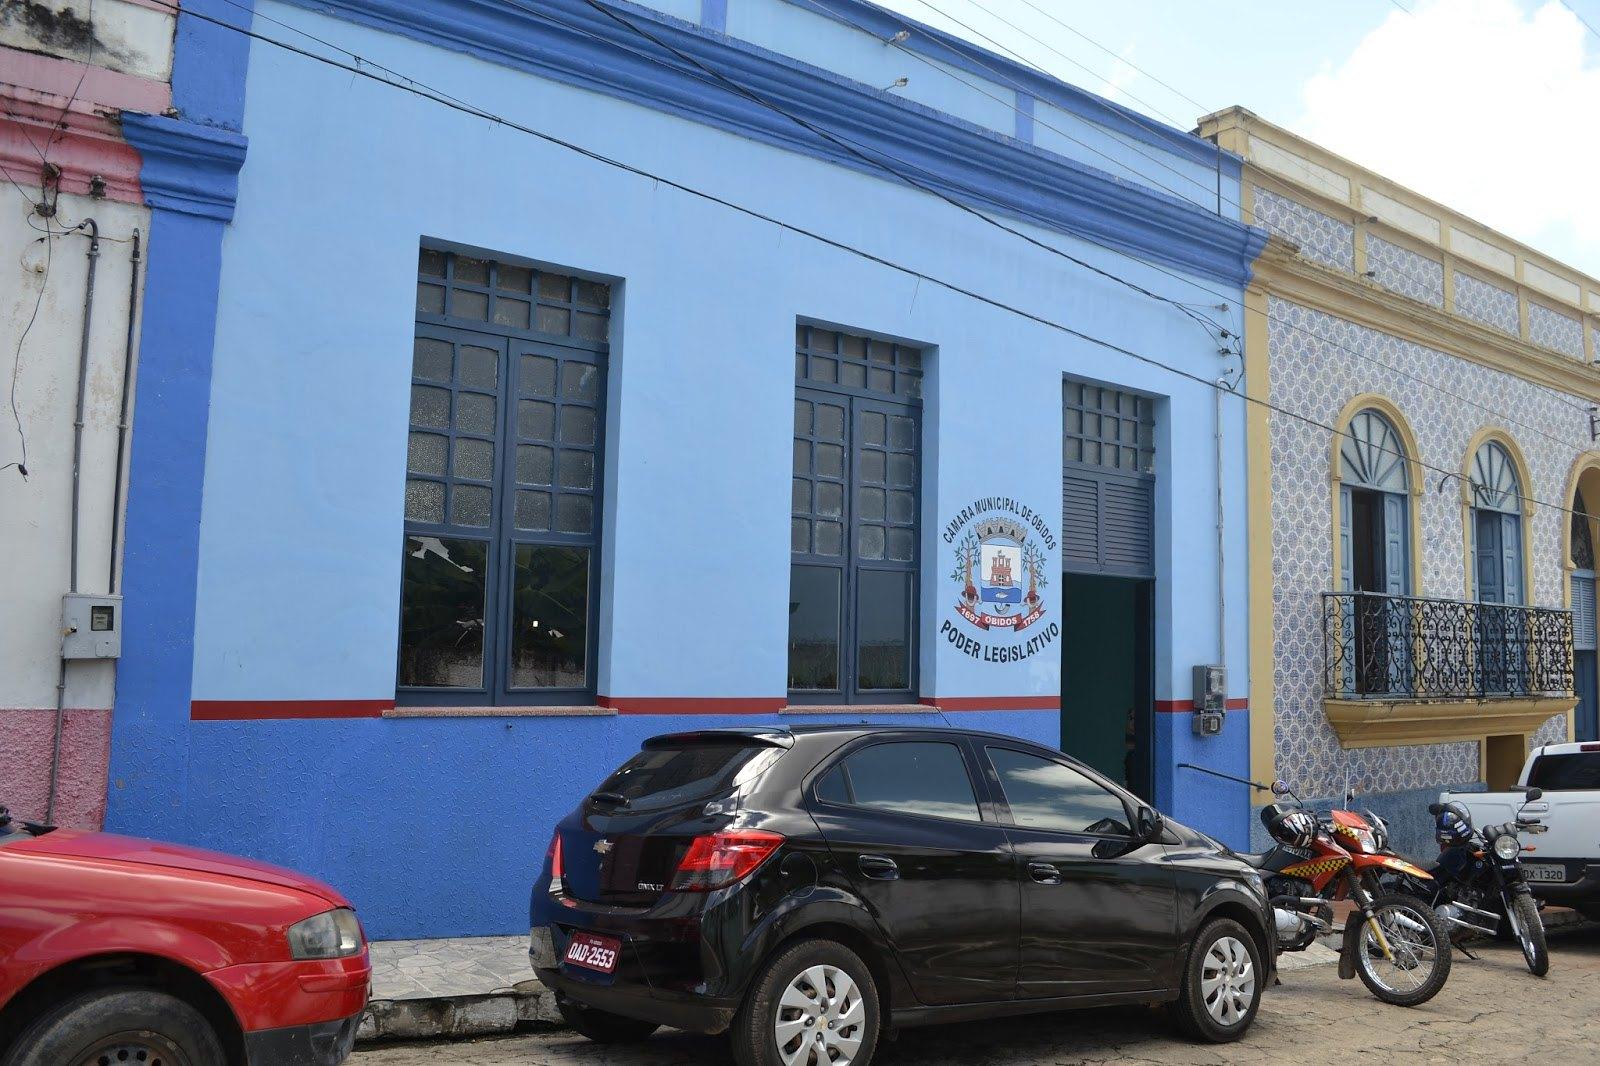 Oposição pede informações sobre salário, diárias e bens de casal contrato pelo prefeito